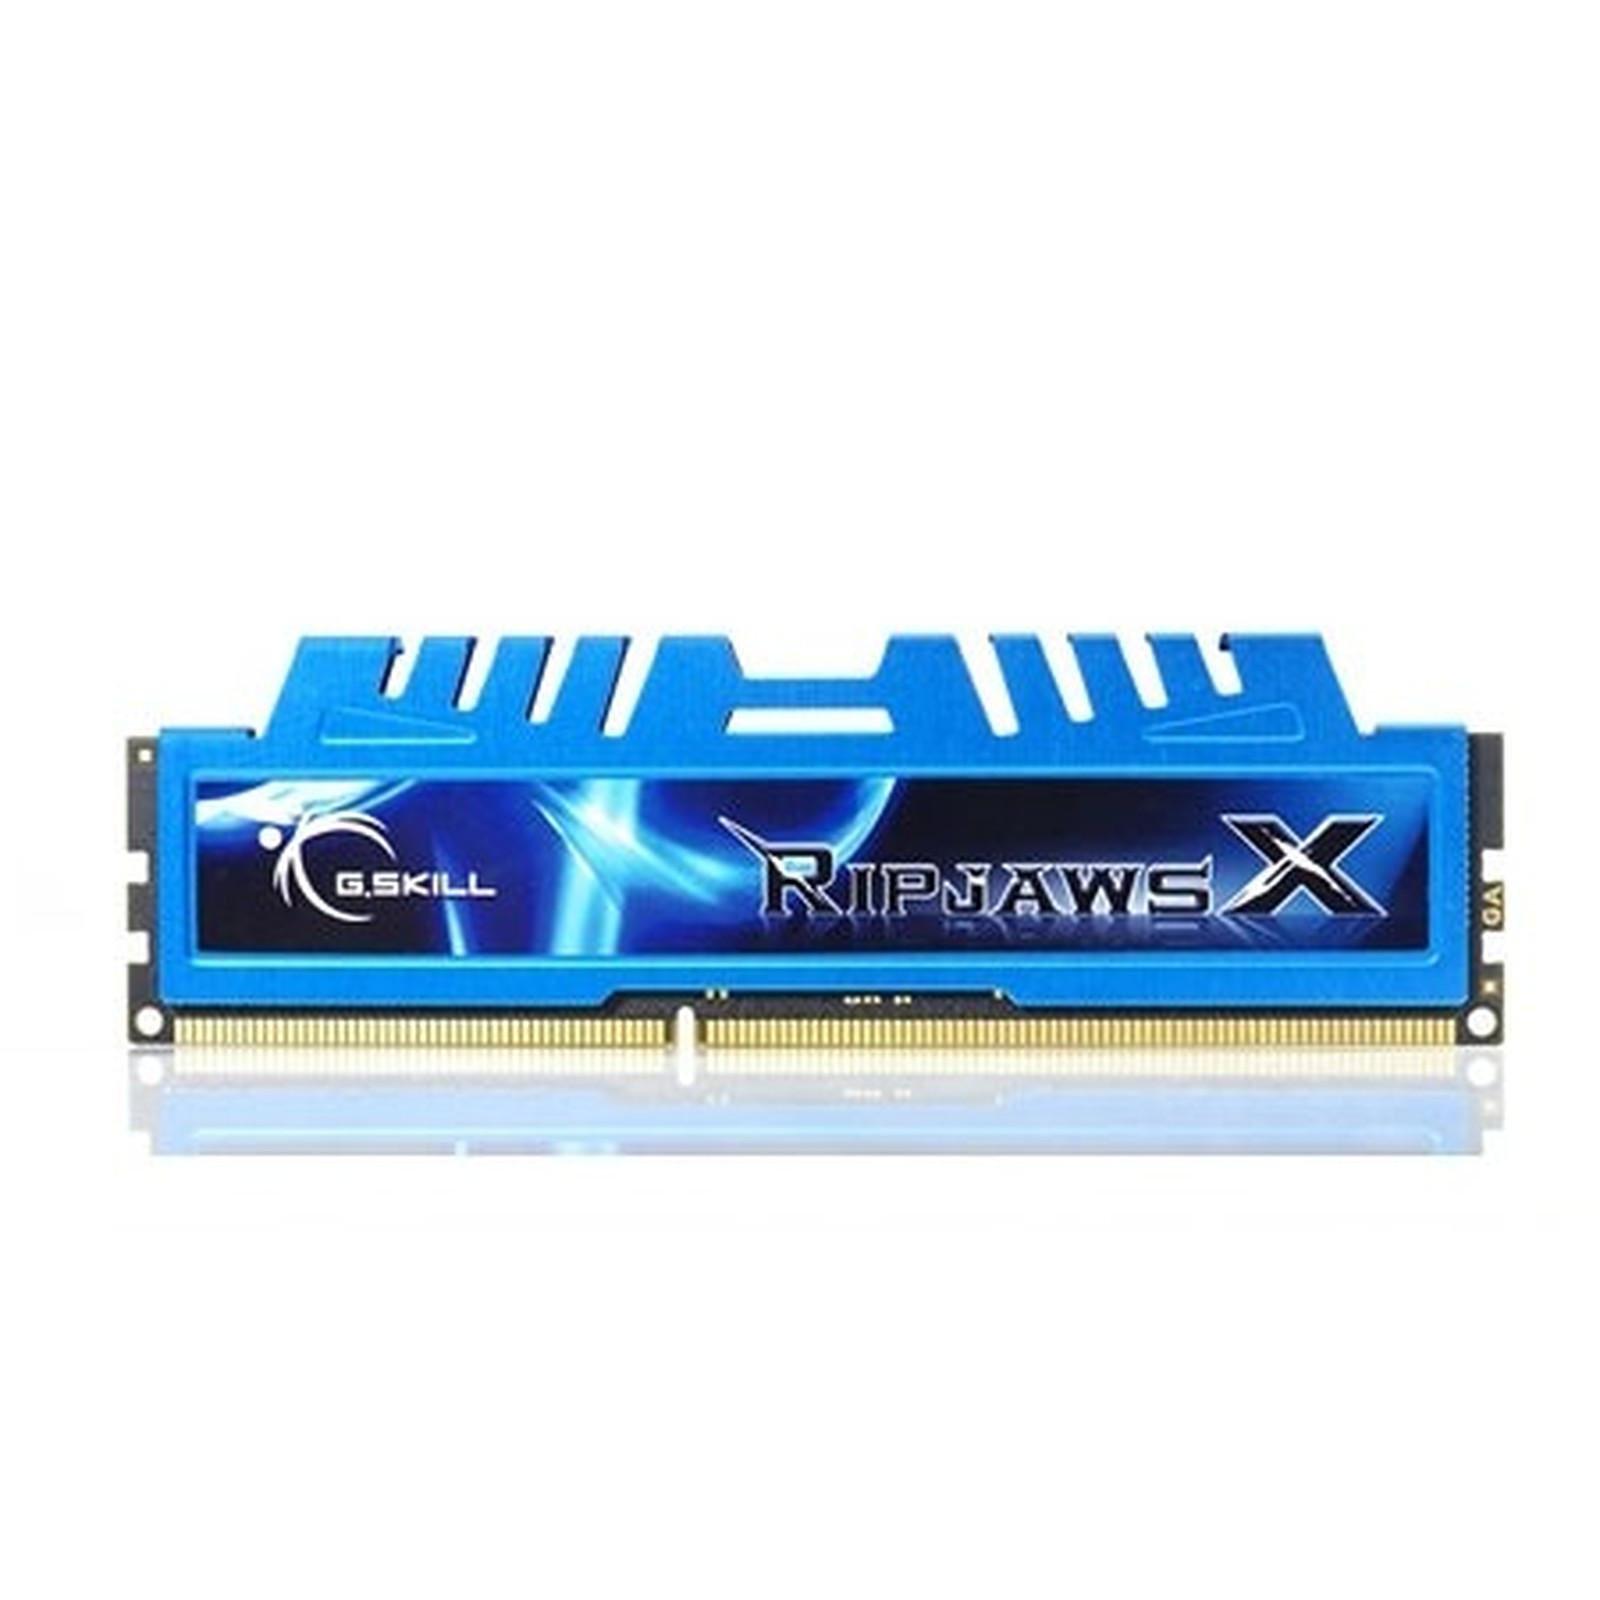 G.Skill RipJaws X Series 8 Go (2x 4Go) DDR3 1600 MHz CL8